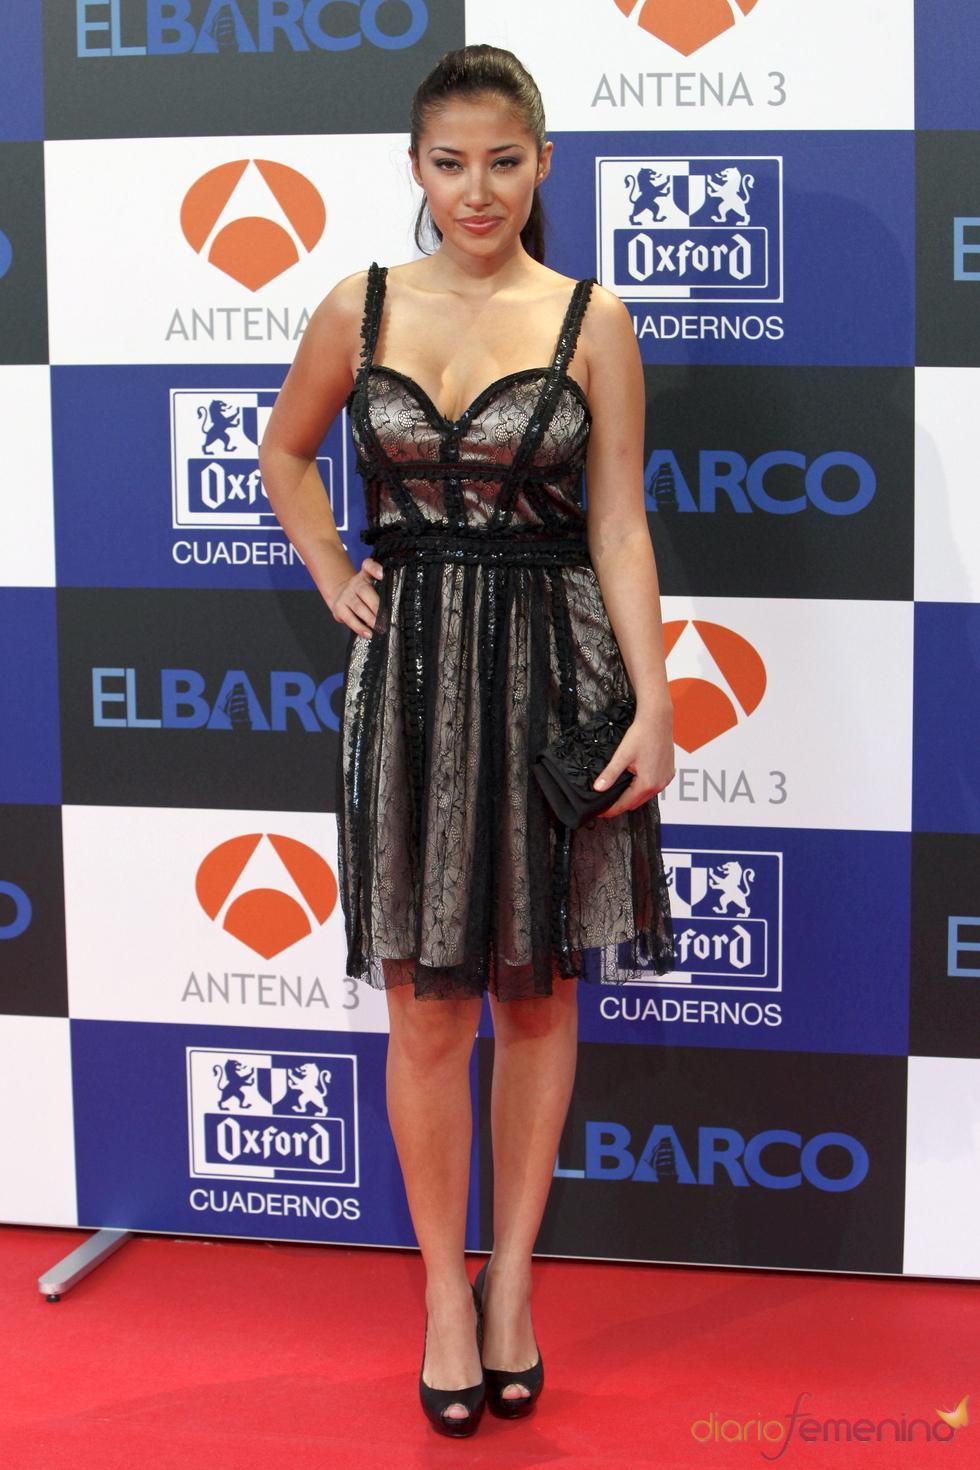 Gisselle Calderón en el estreno de la segunda temporada de 'El Barco' en Madrid